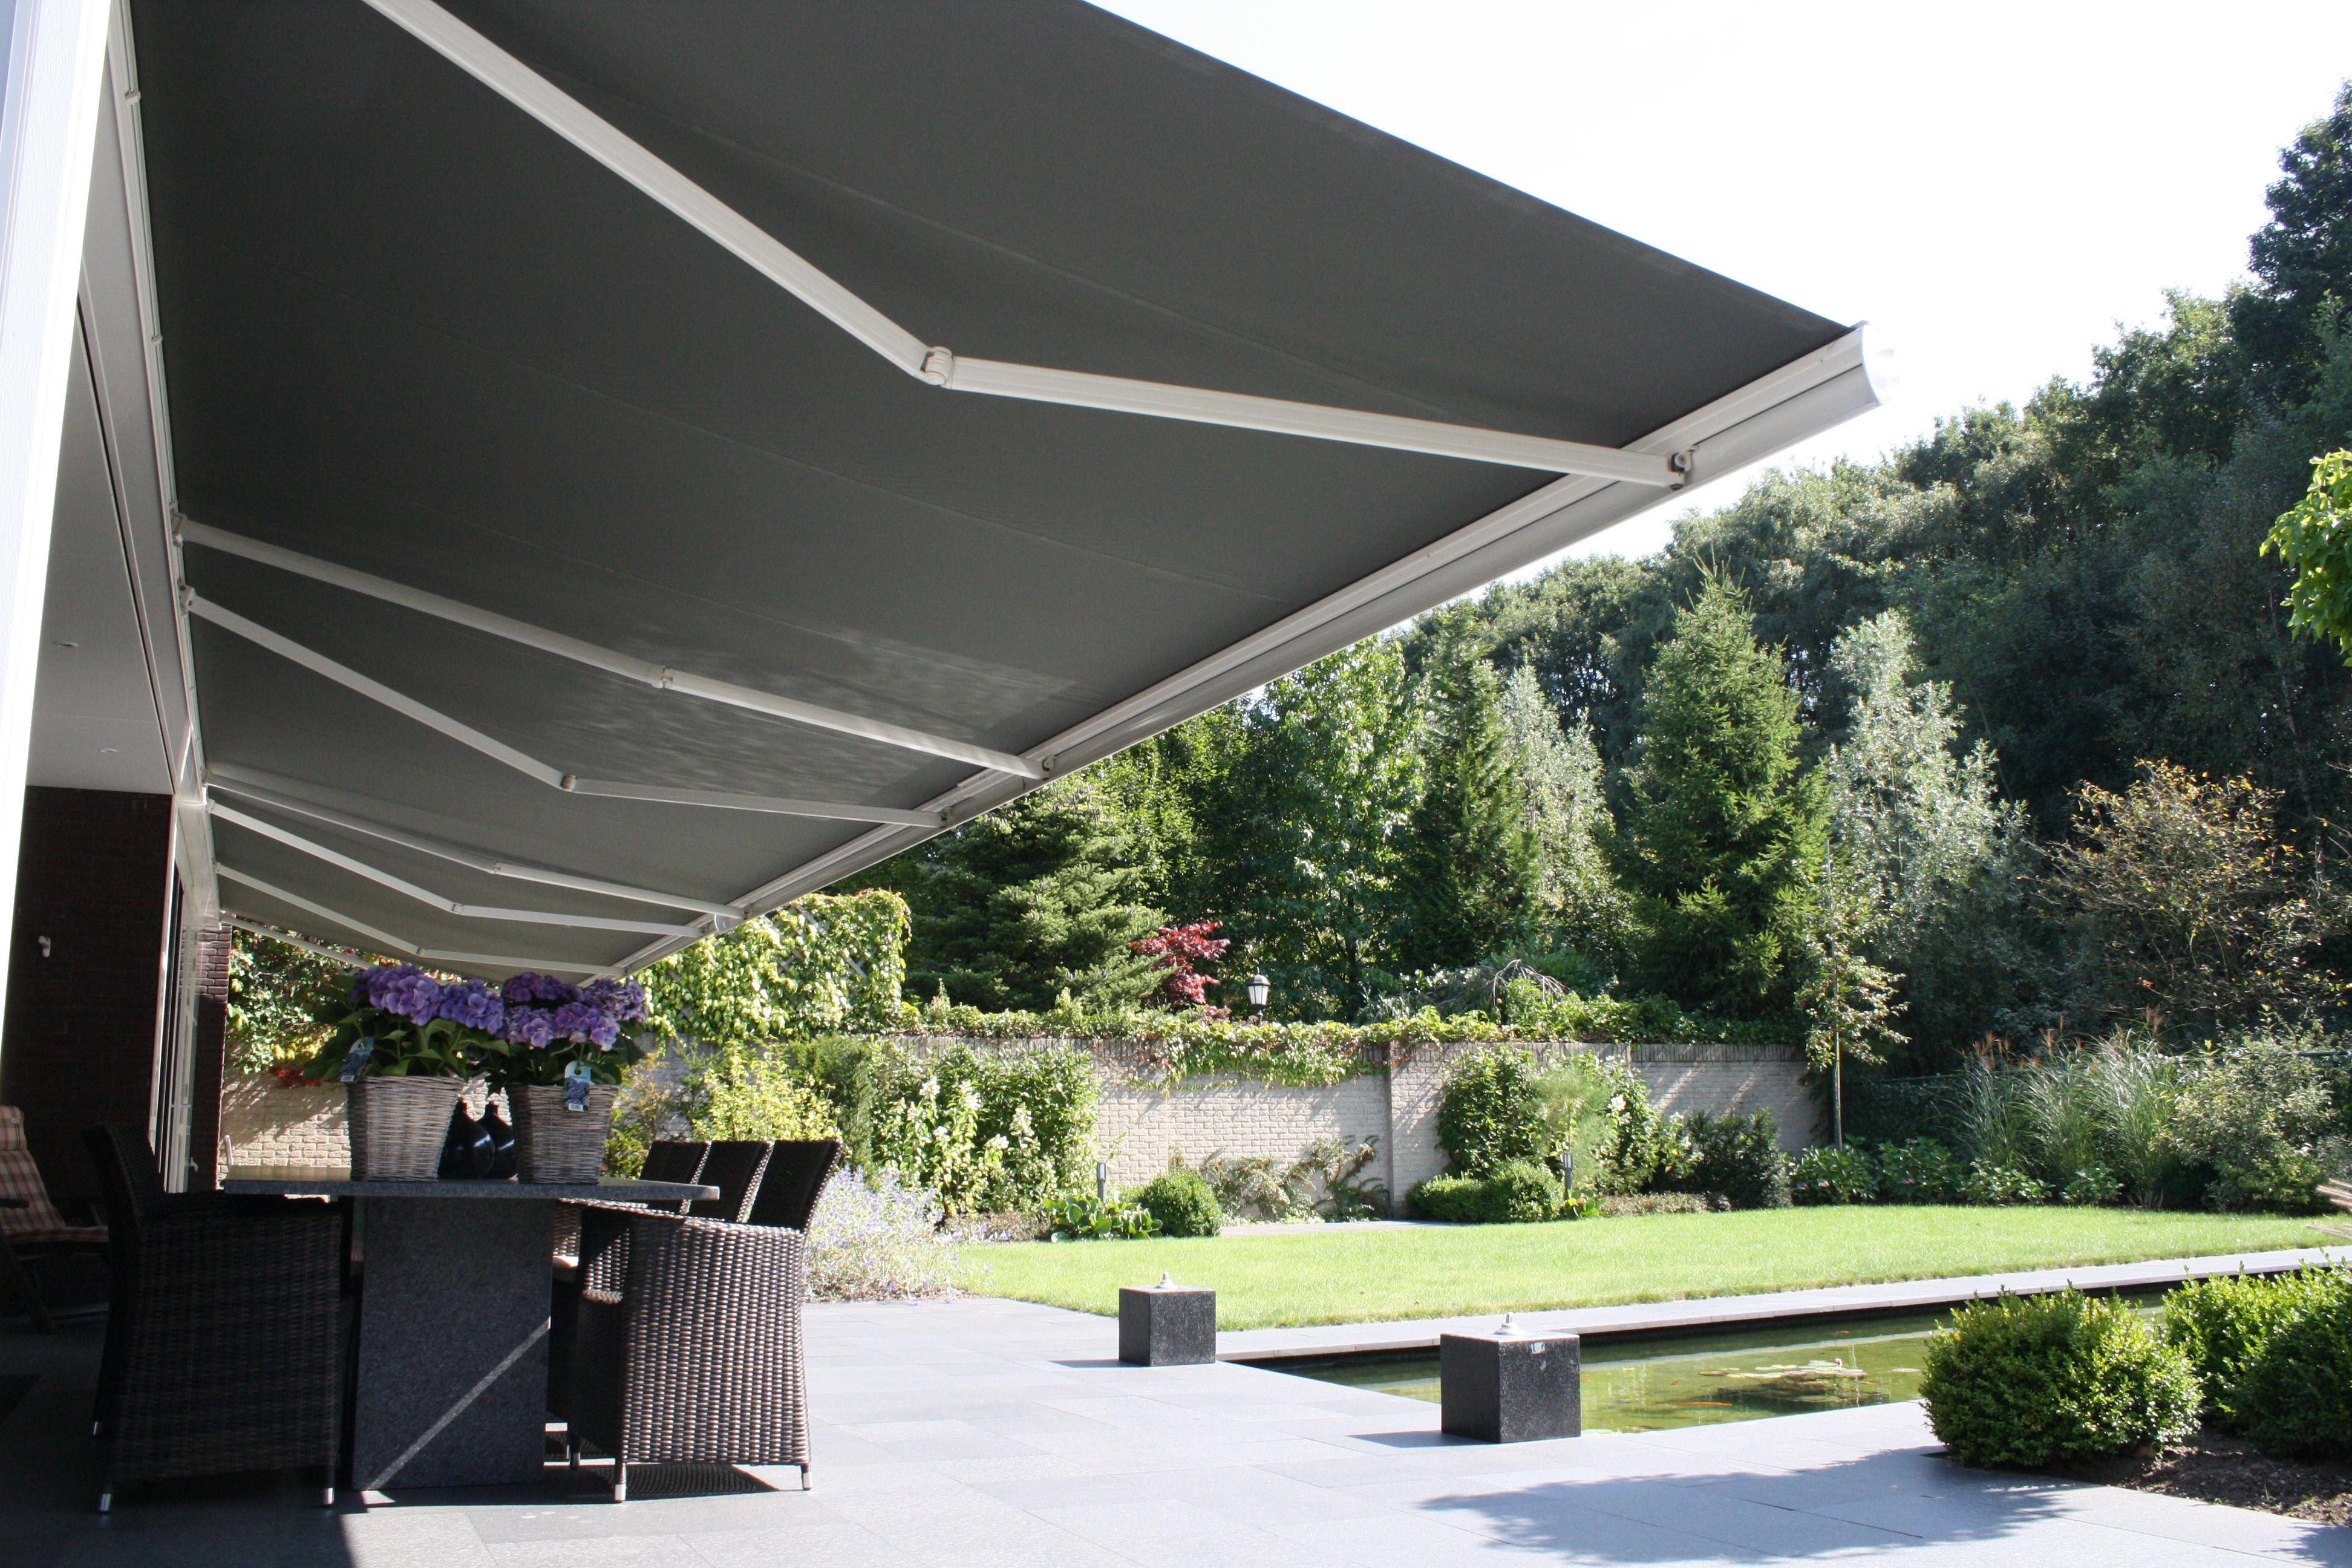 Terrasscherm knikarmscherm zonnescherm zonwering